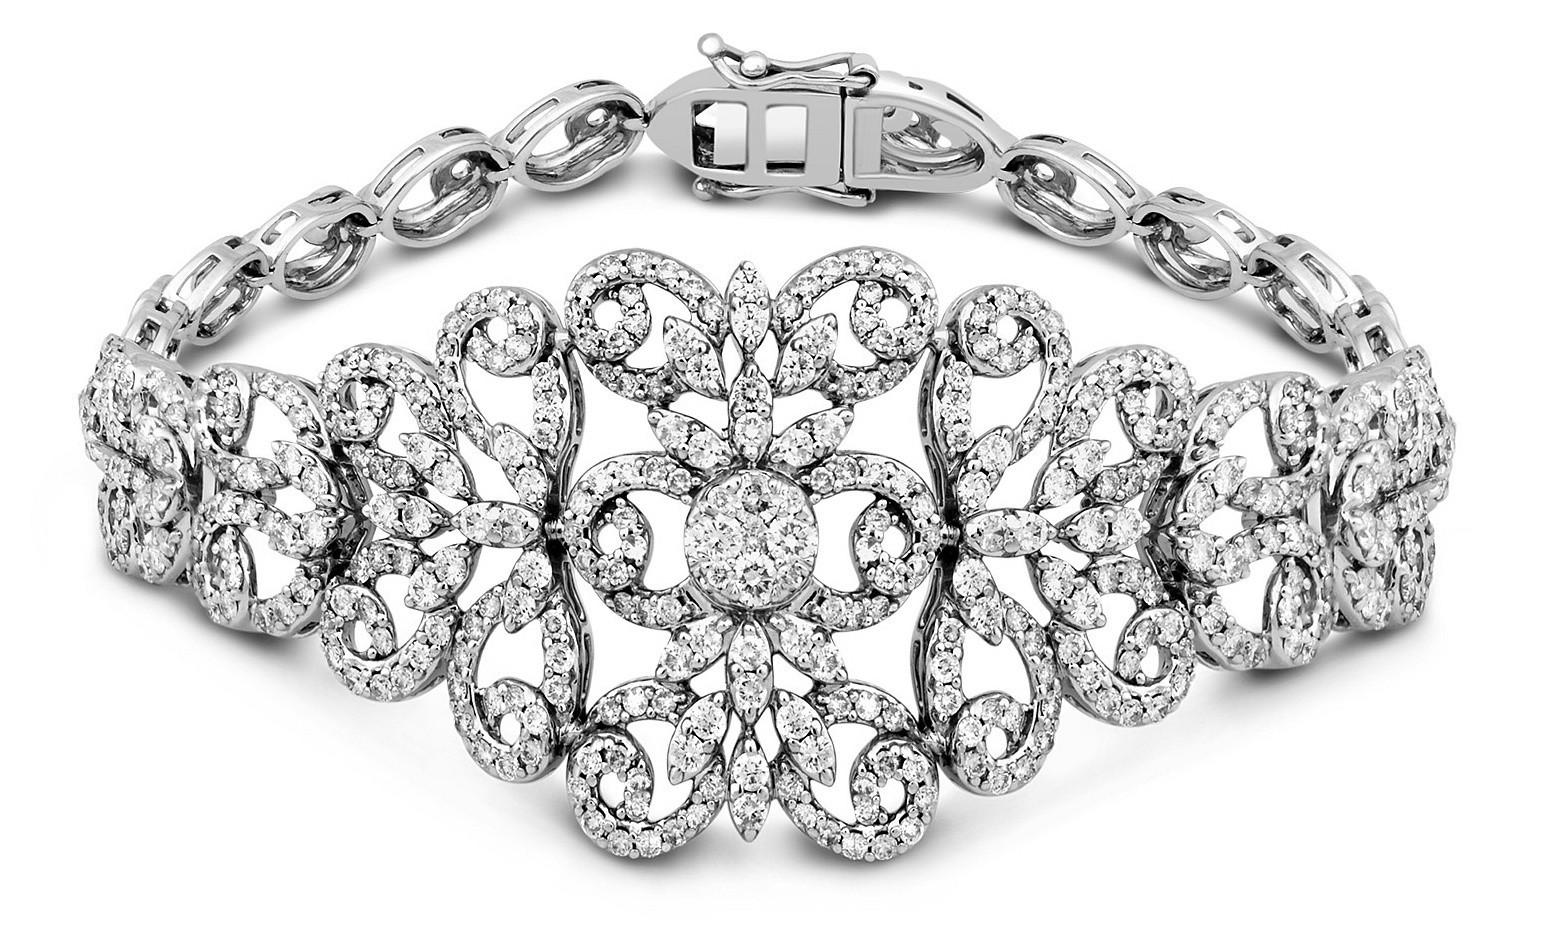 Красивые эксклюзивные браслеты из золота и бриллианты